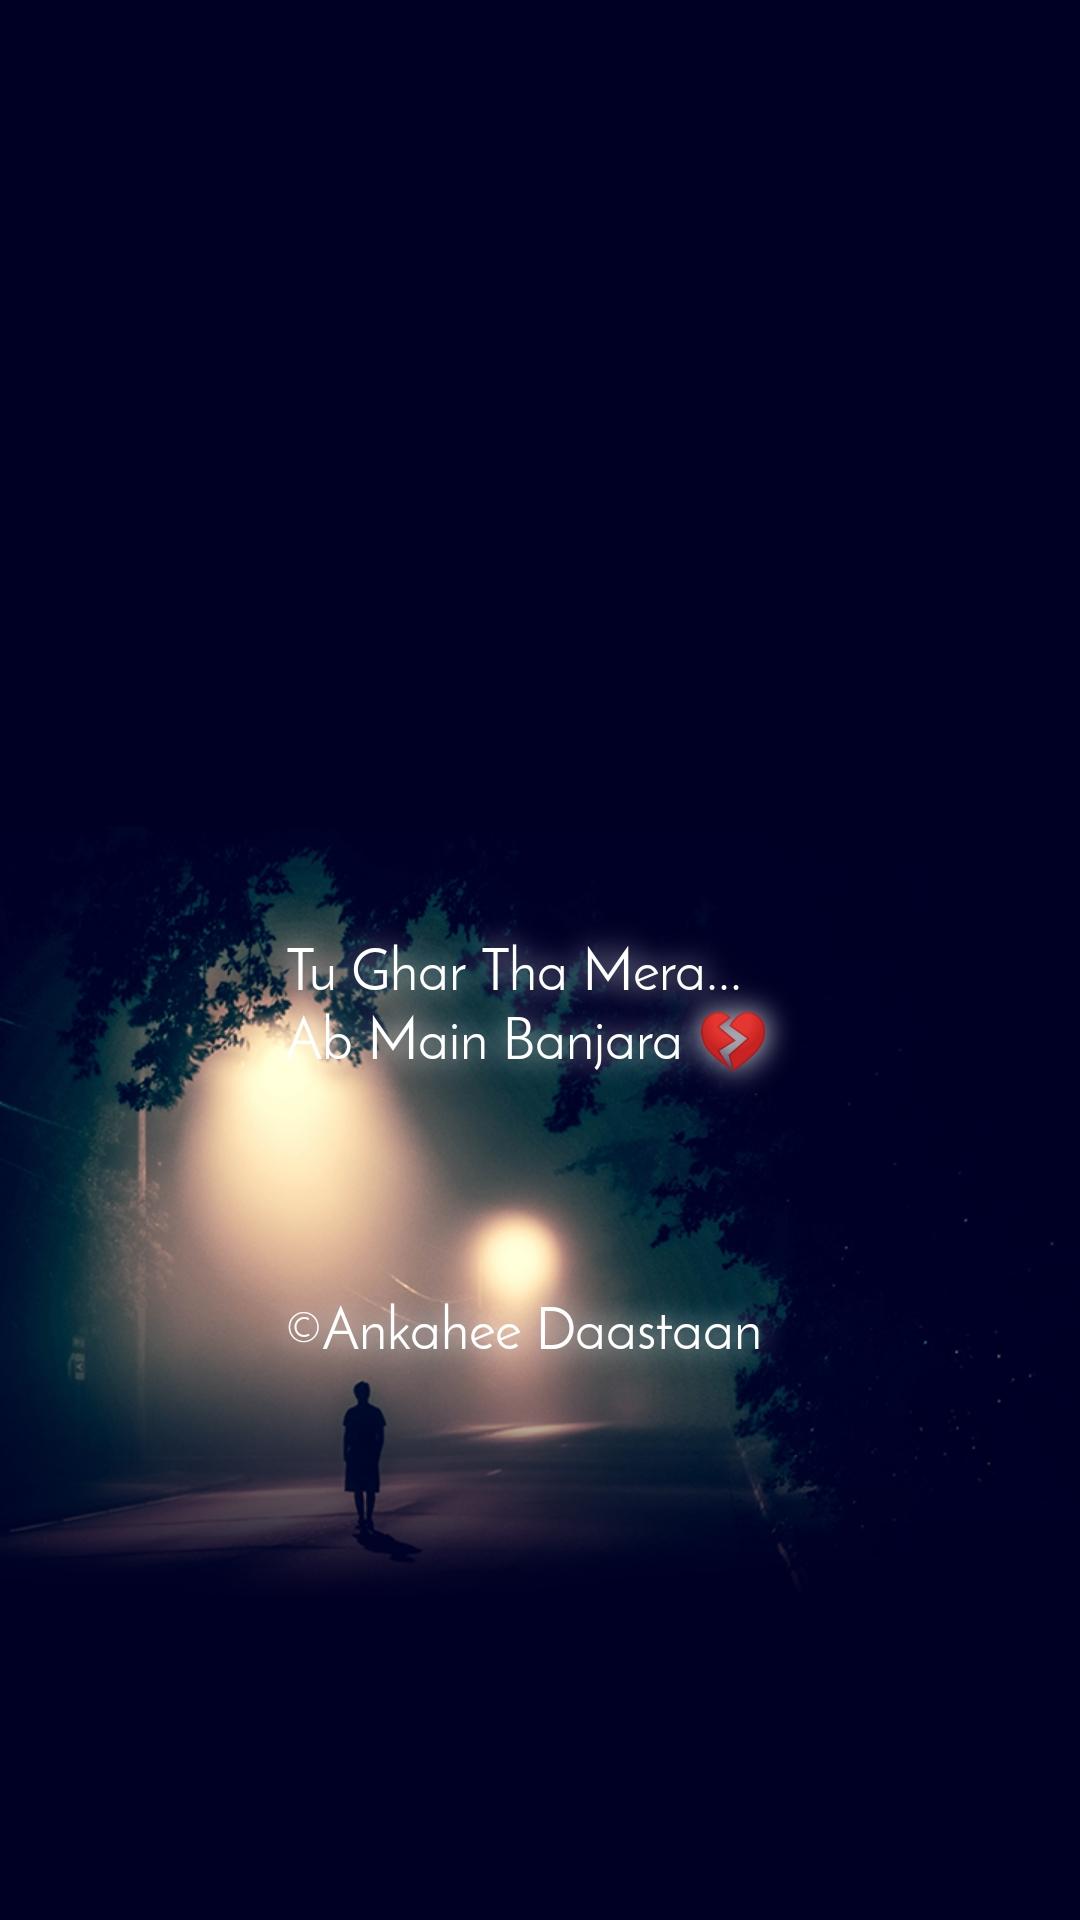 Tu Ghar Tha Mera... Ab Main Banjara 💔     ©Ankahee Daastaan